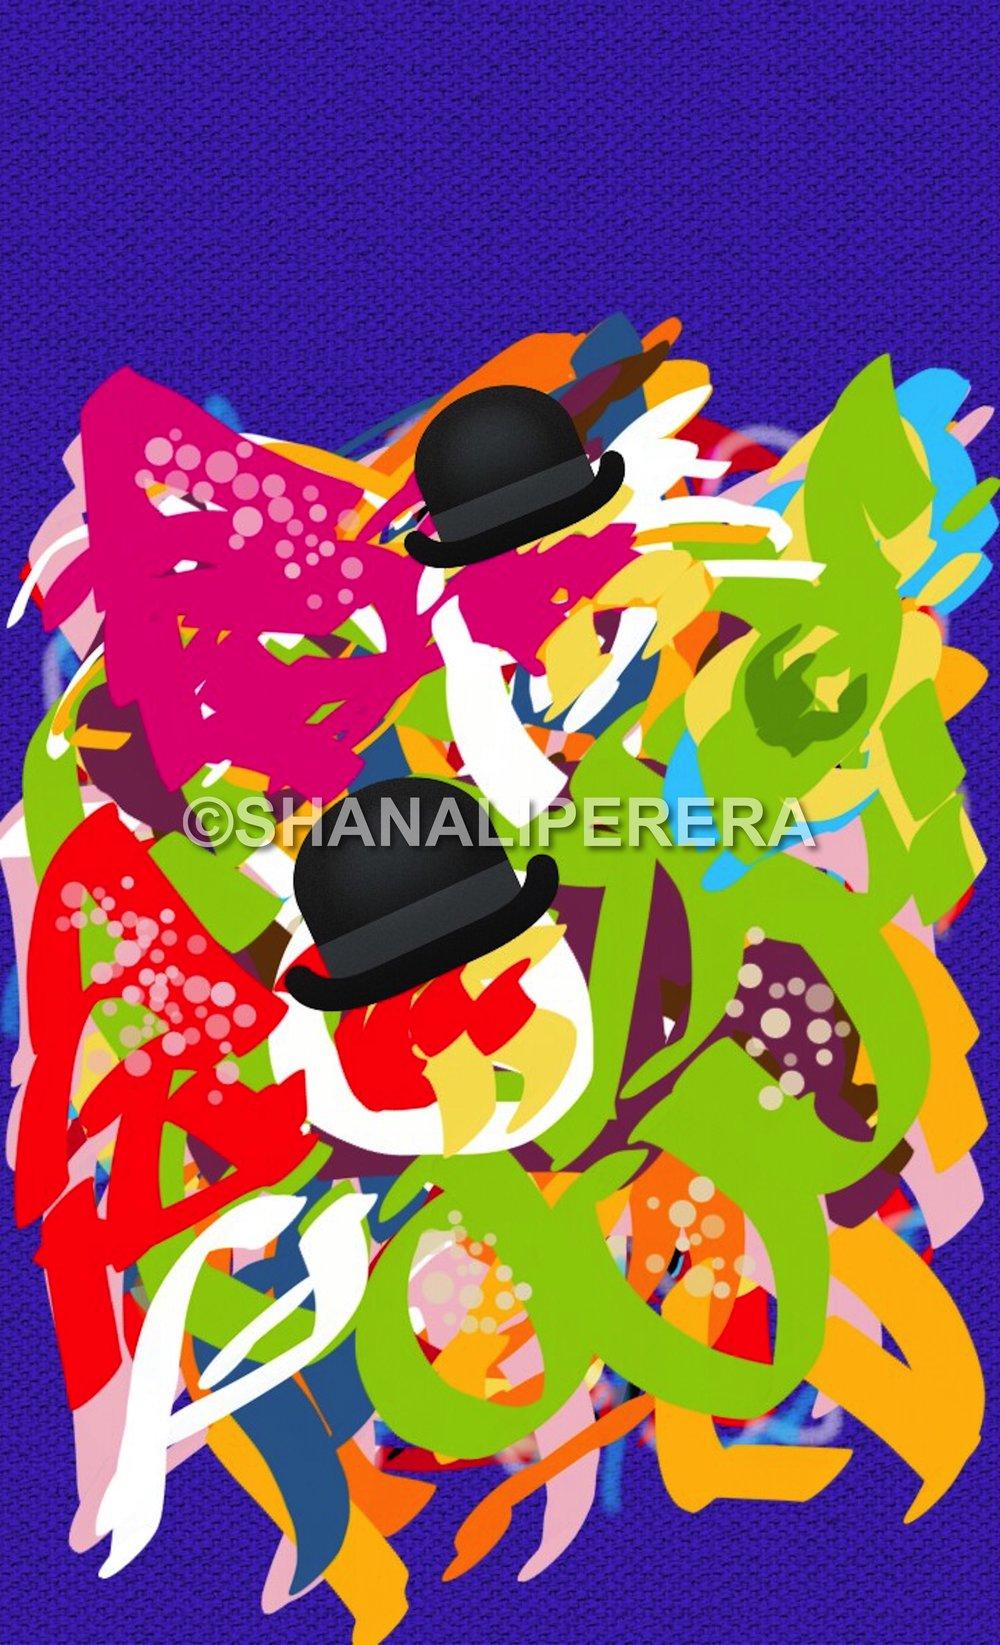 sketch-1438470508972.jpg